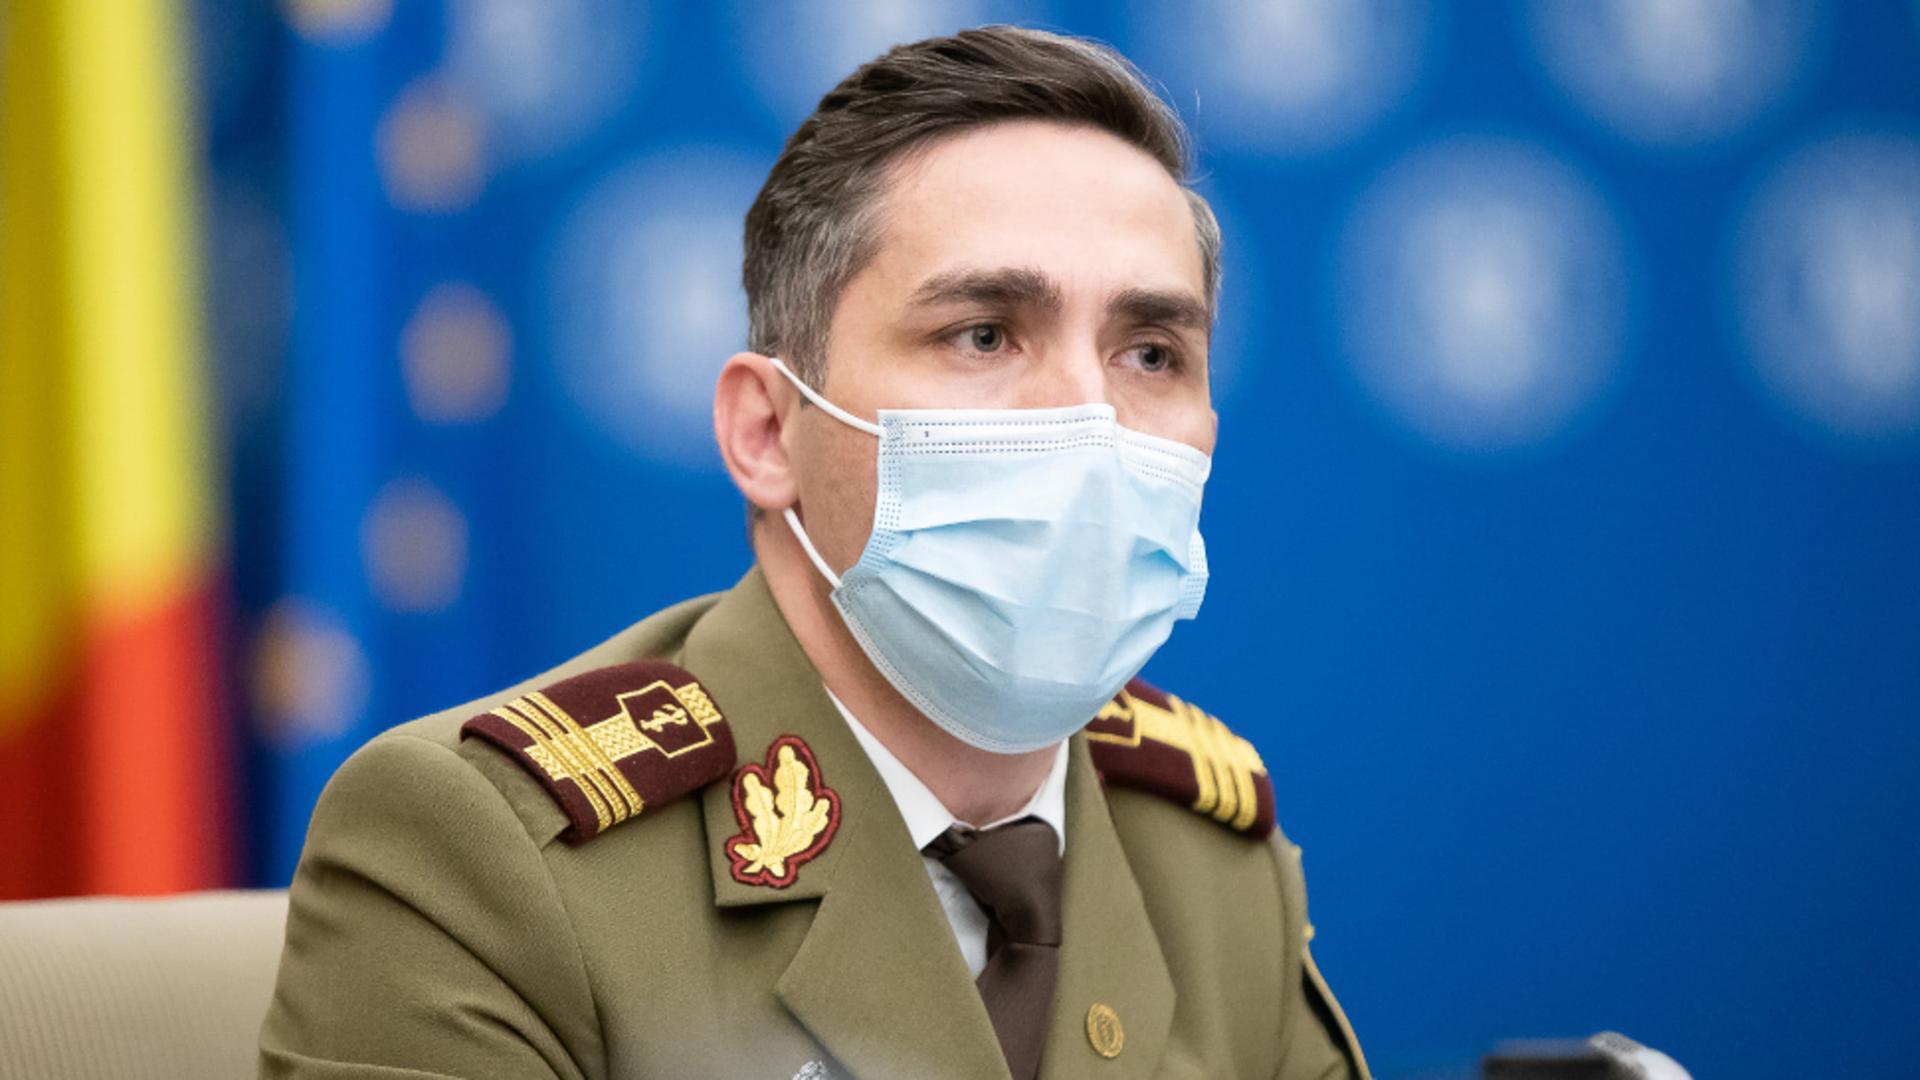 Valeriu Gheorghiță, coodonatorul campaniei naţionale de vaccinare antiCovid / Foto: Facebook Guvernul României